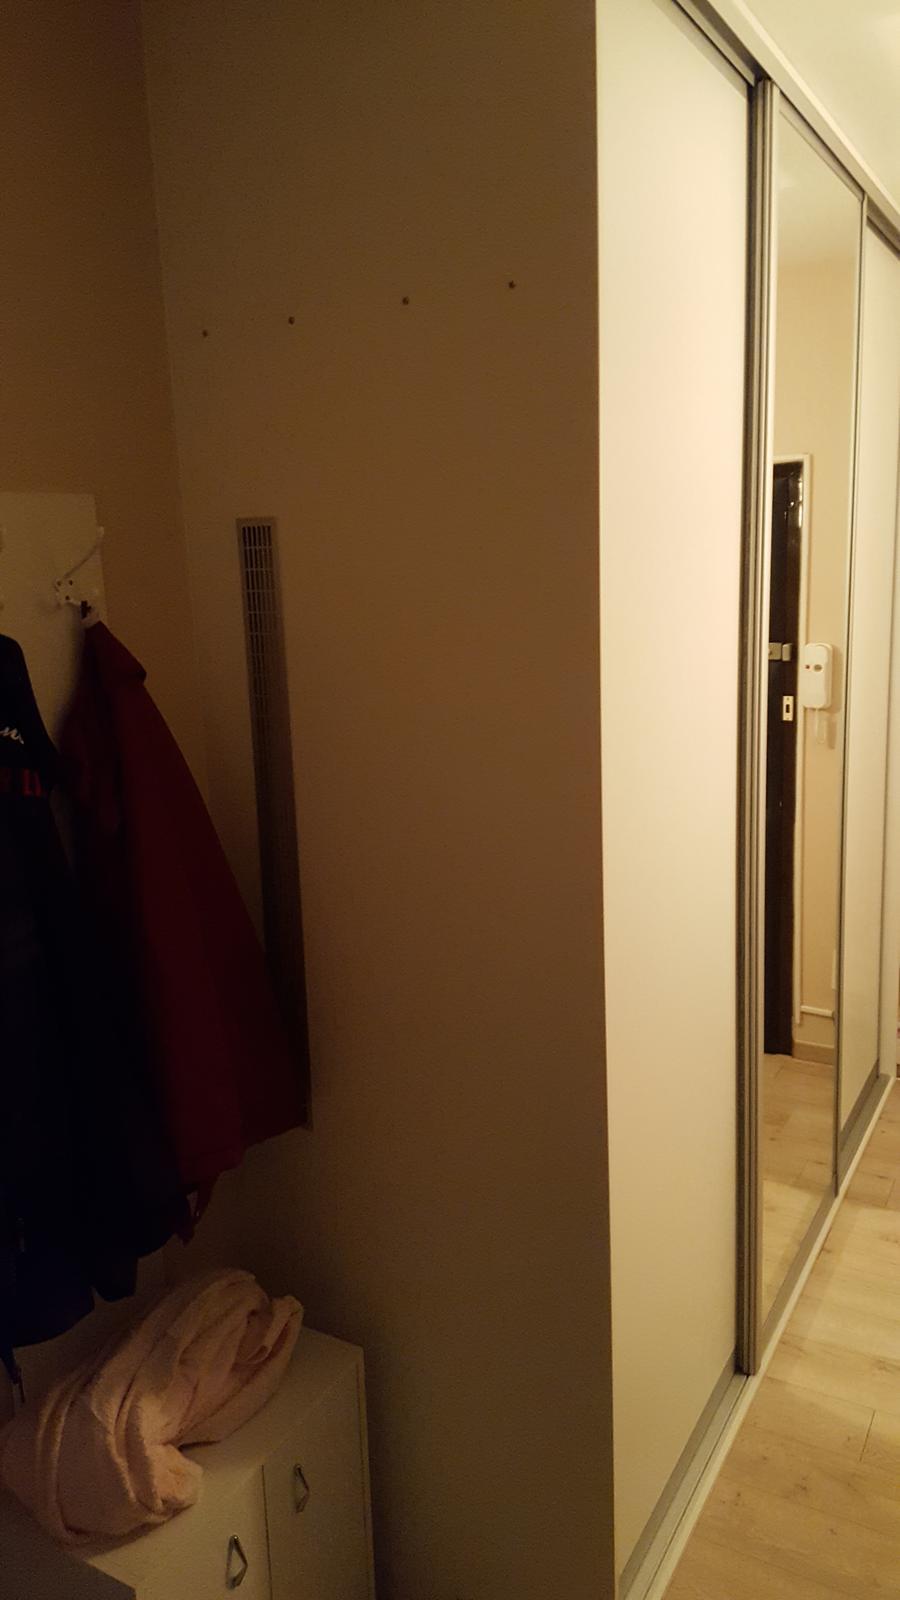 Tak a je hotovo mala fuska ukoncena a aj kuchyna je po facelifte - Obrázok č. 3